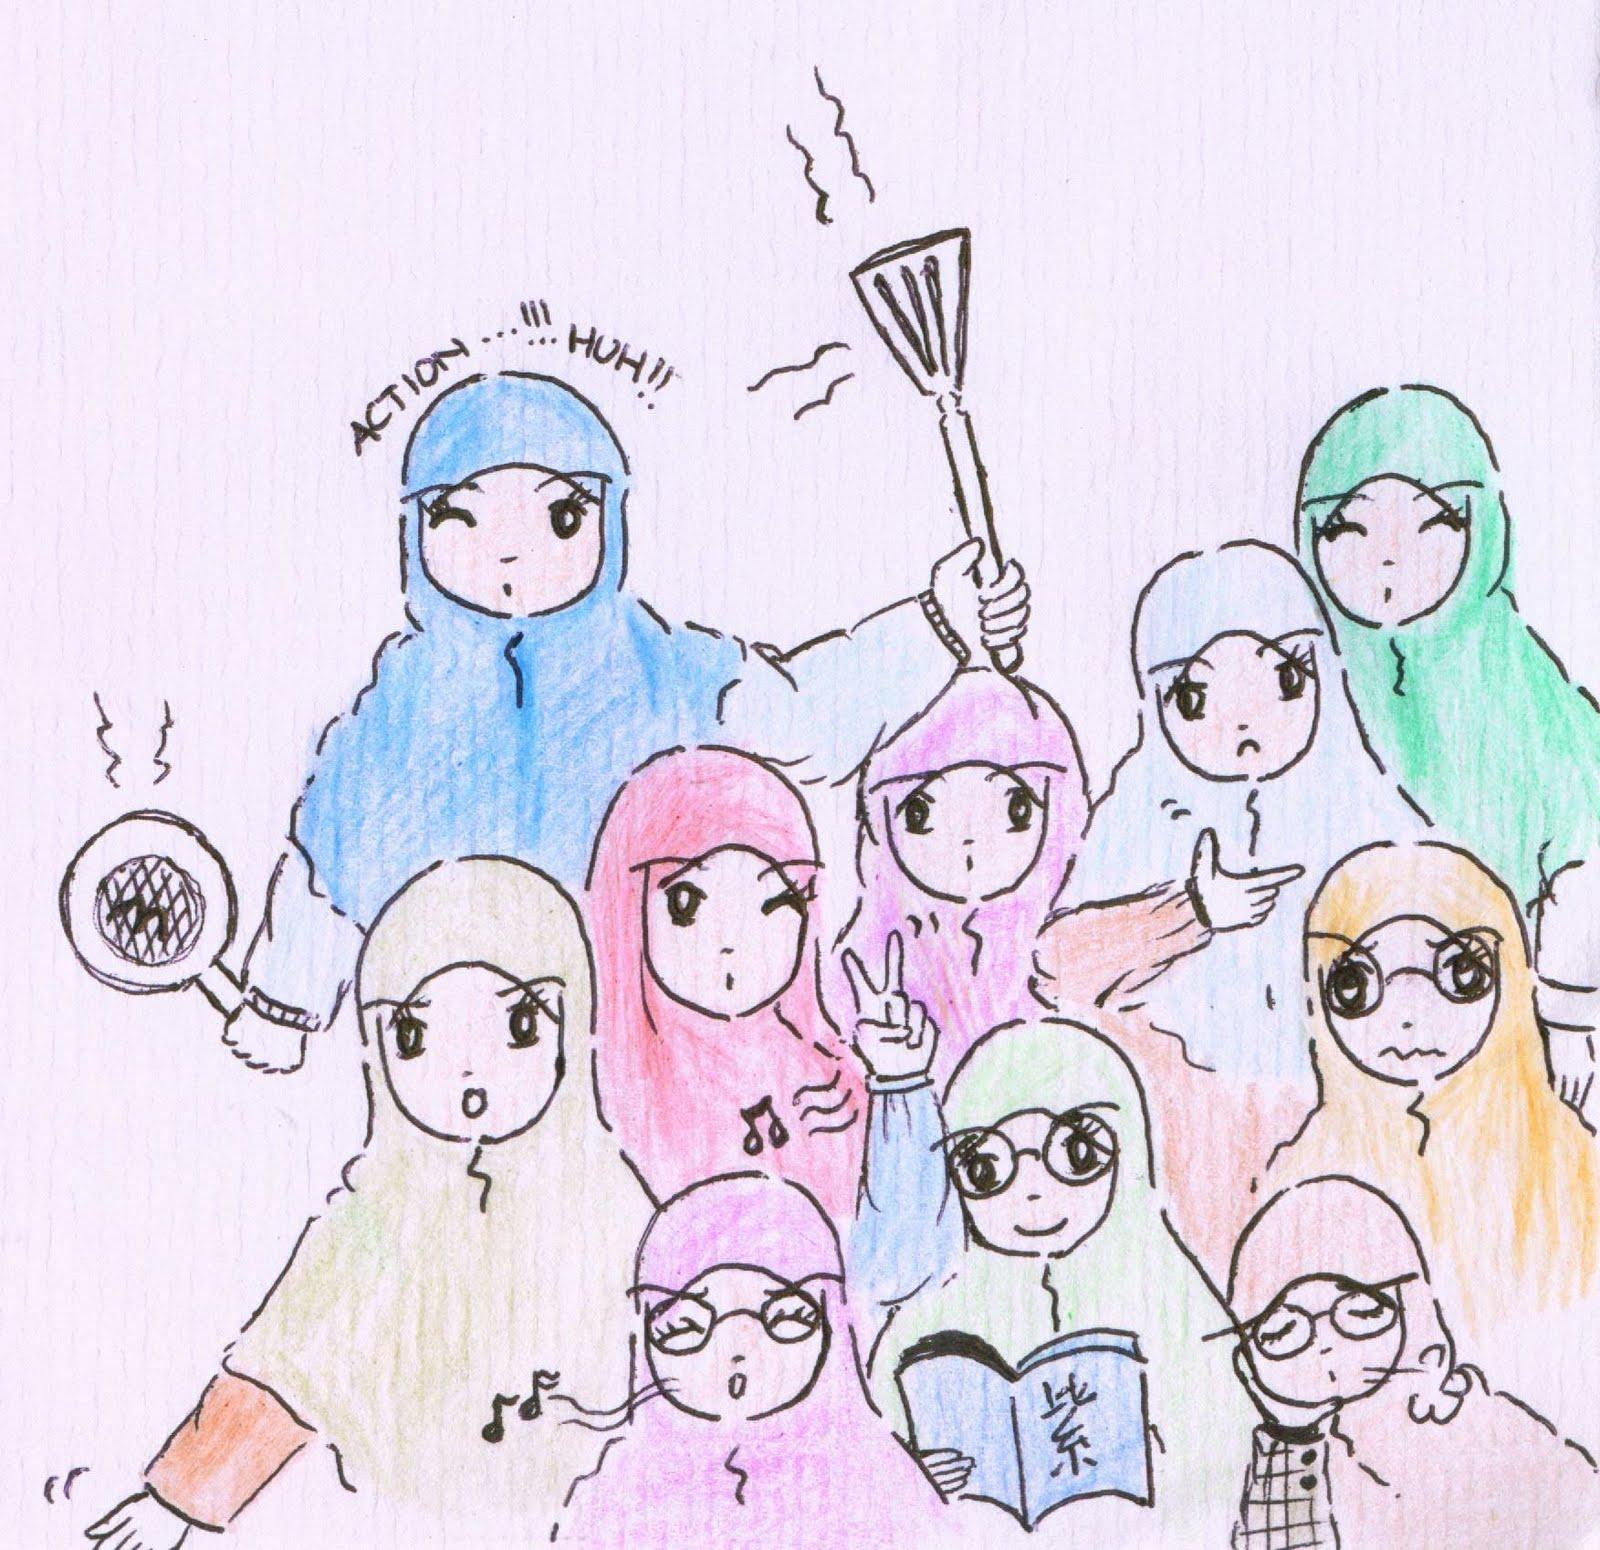 Gambar Kartun Muslimah Tentang Persahabatan Kolek Gambar